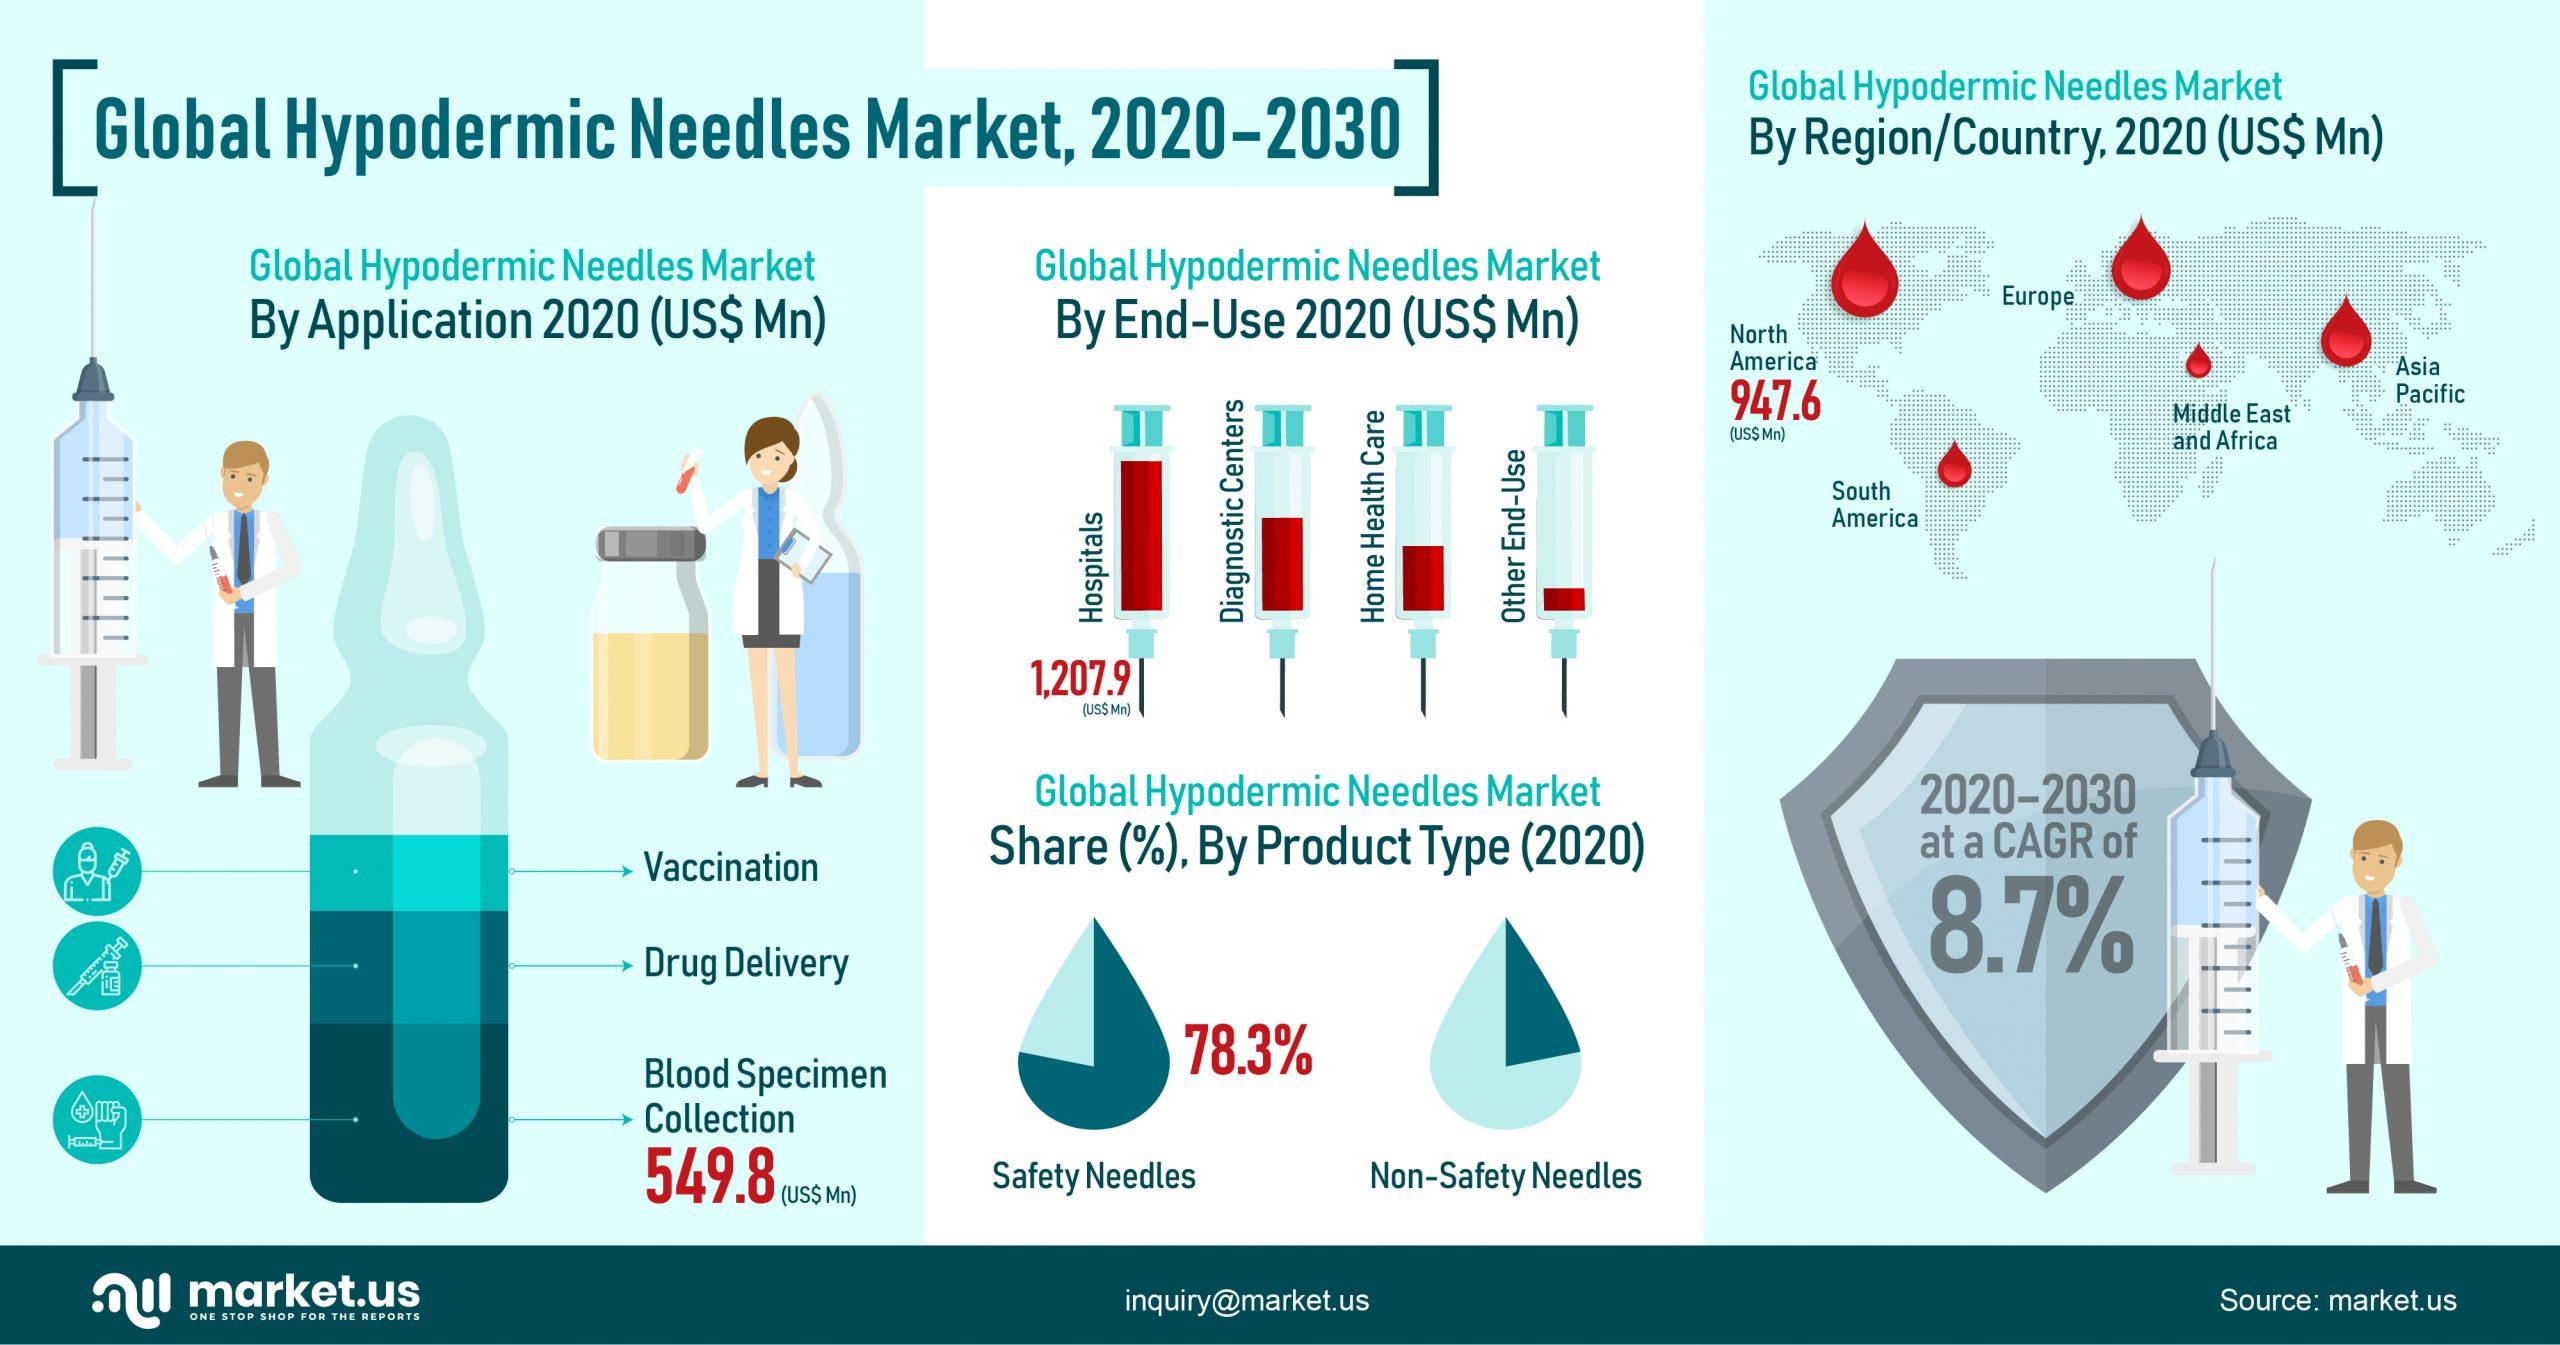 Global Hypodermic Needles Market